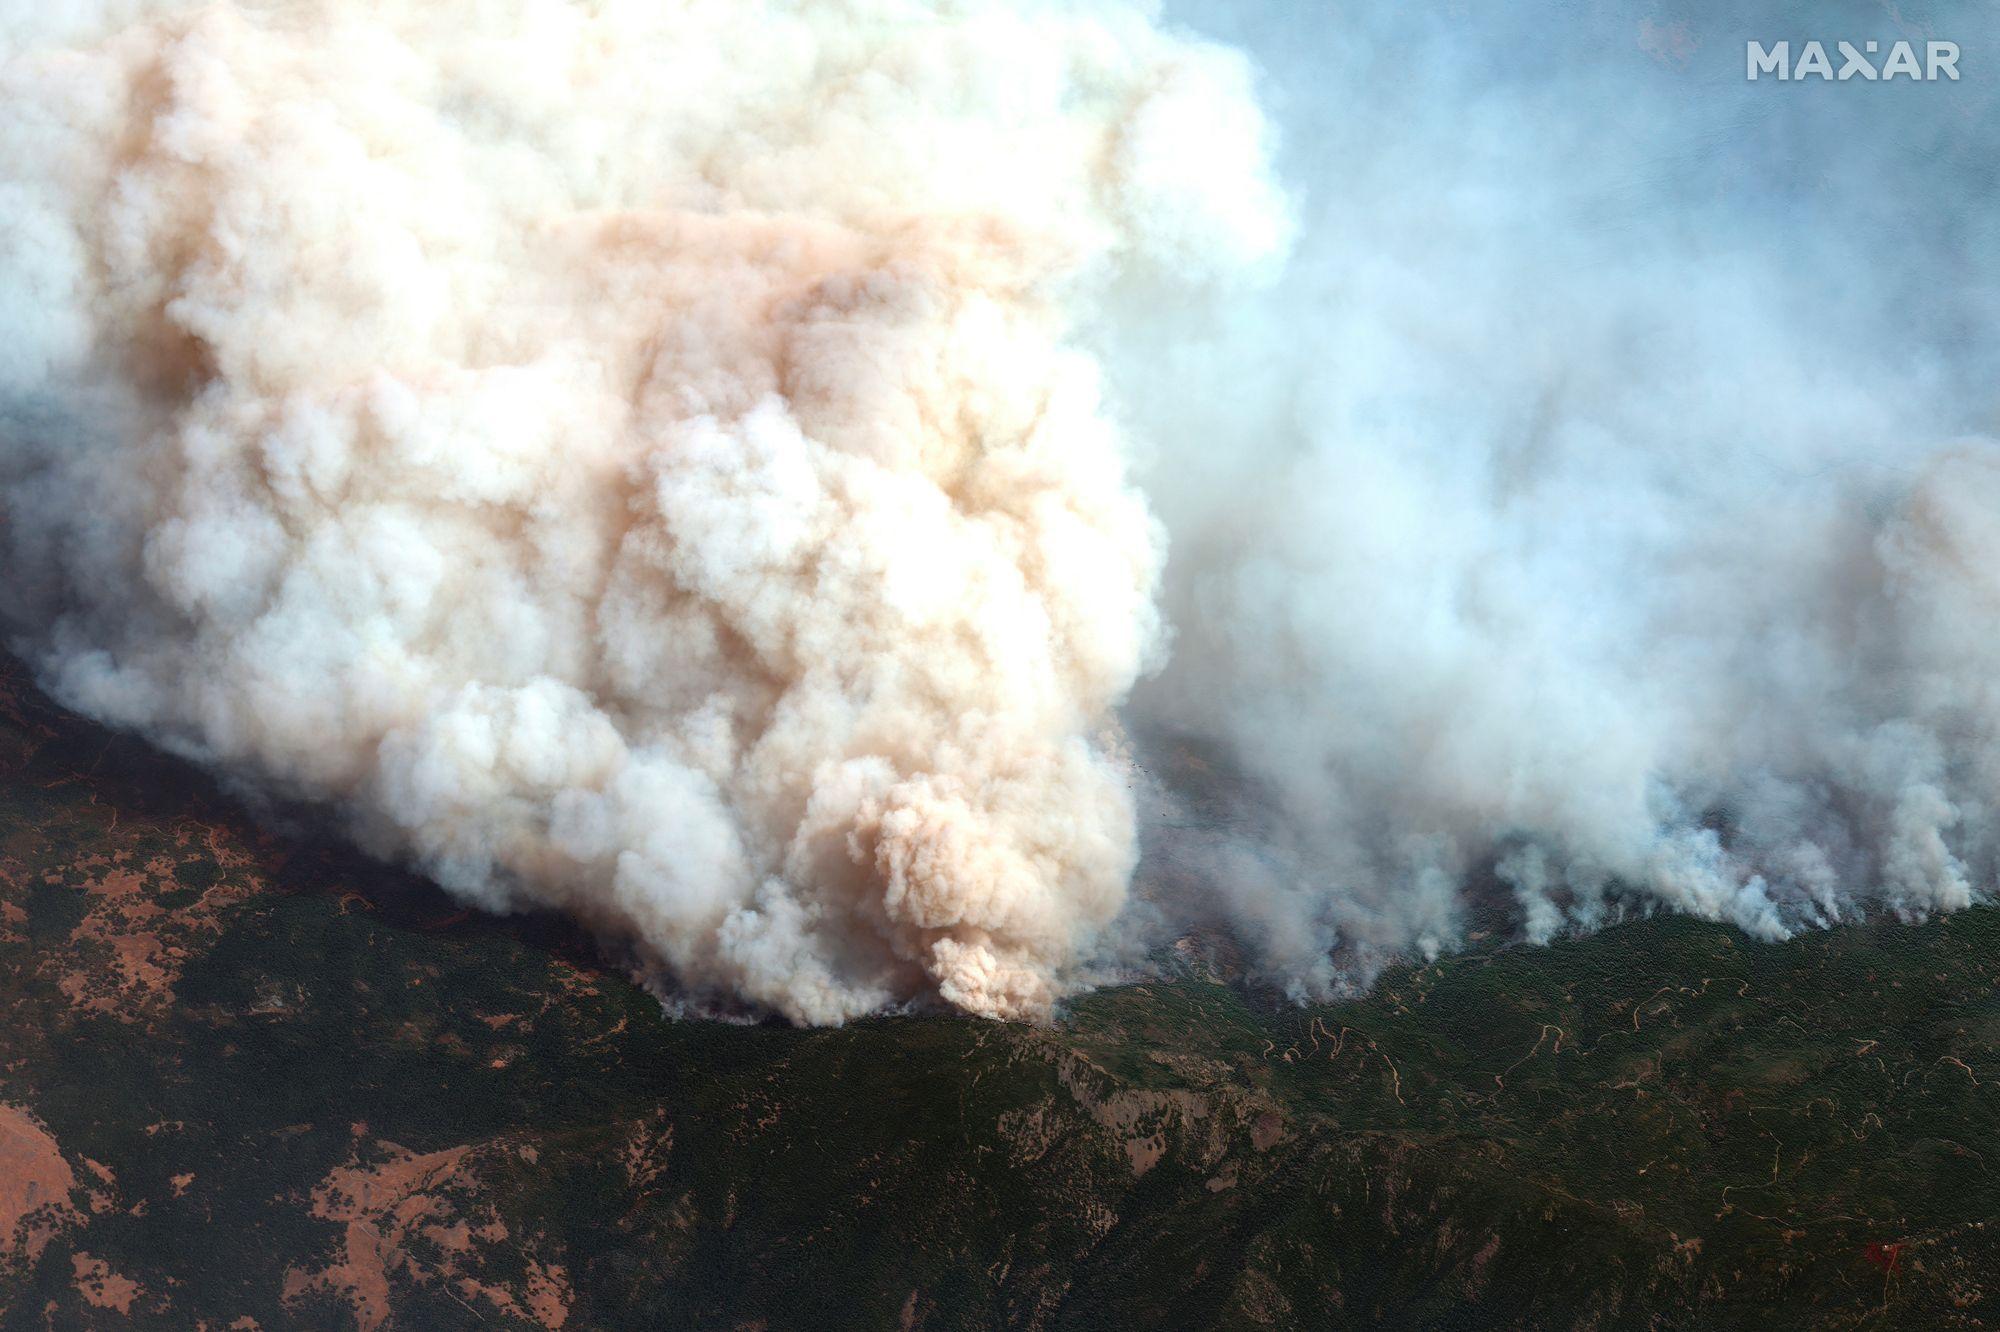 Incendies dans l'Ouest des Etats-Unis - 14 septembre